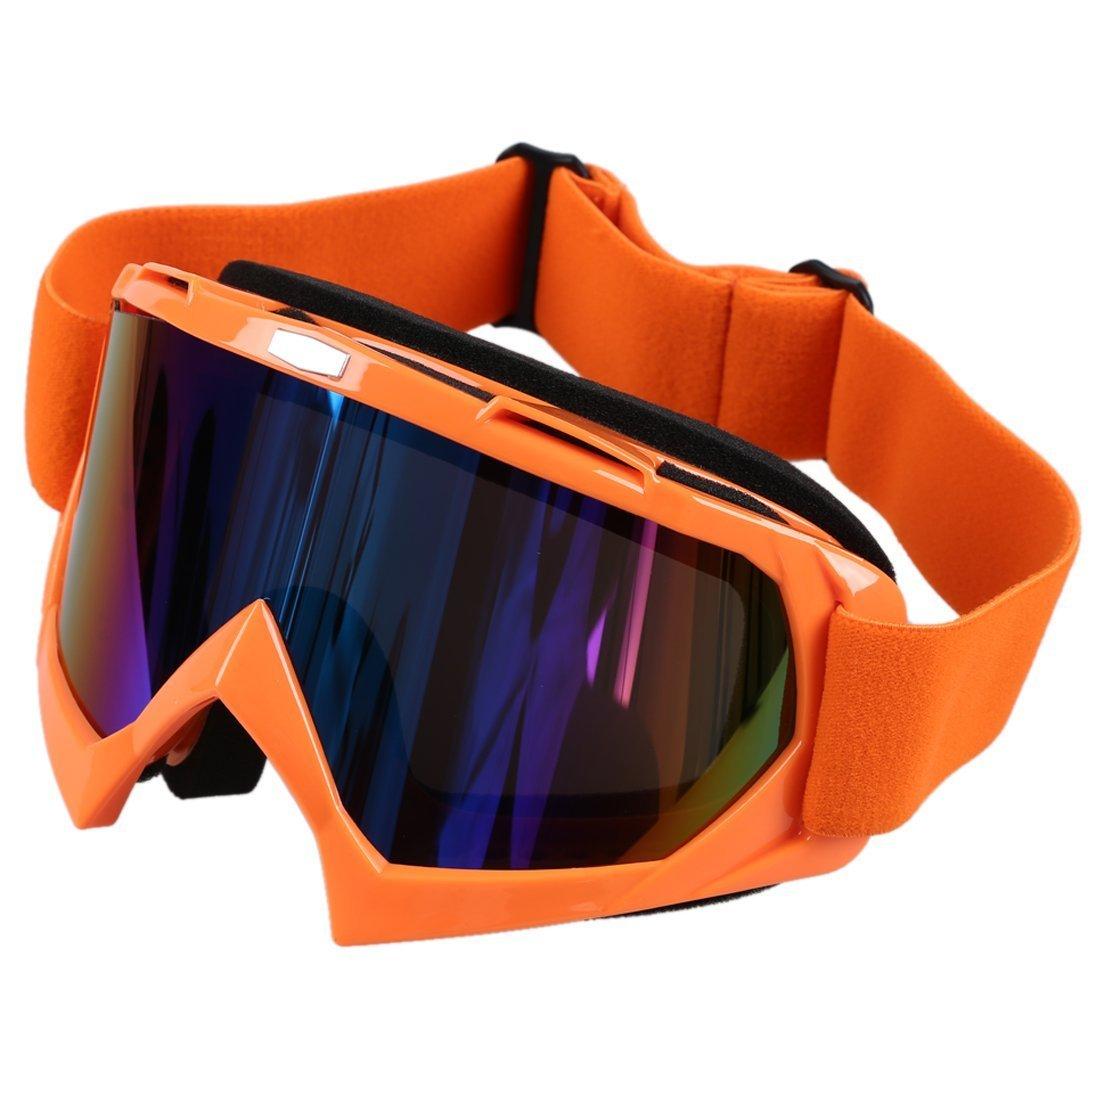 Gafas de esqui - SODIAL(R)Gafas de esqui de motocicleta resistente a polvos ATV fuera de la carretera de motocross de un solo lente de color naranja